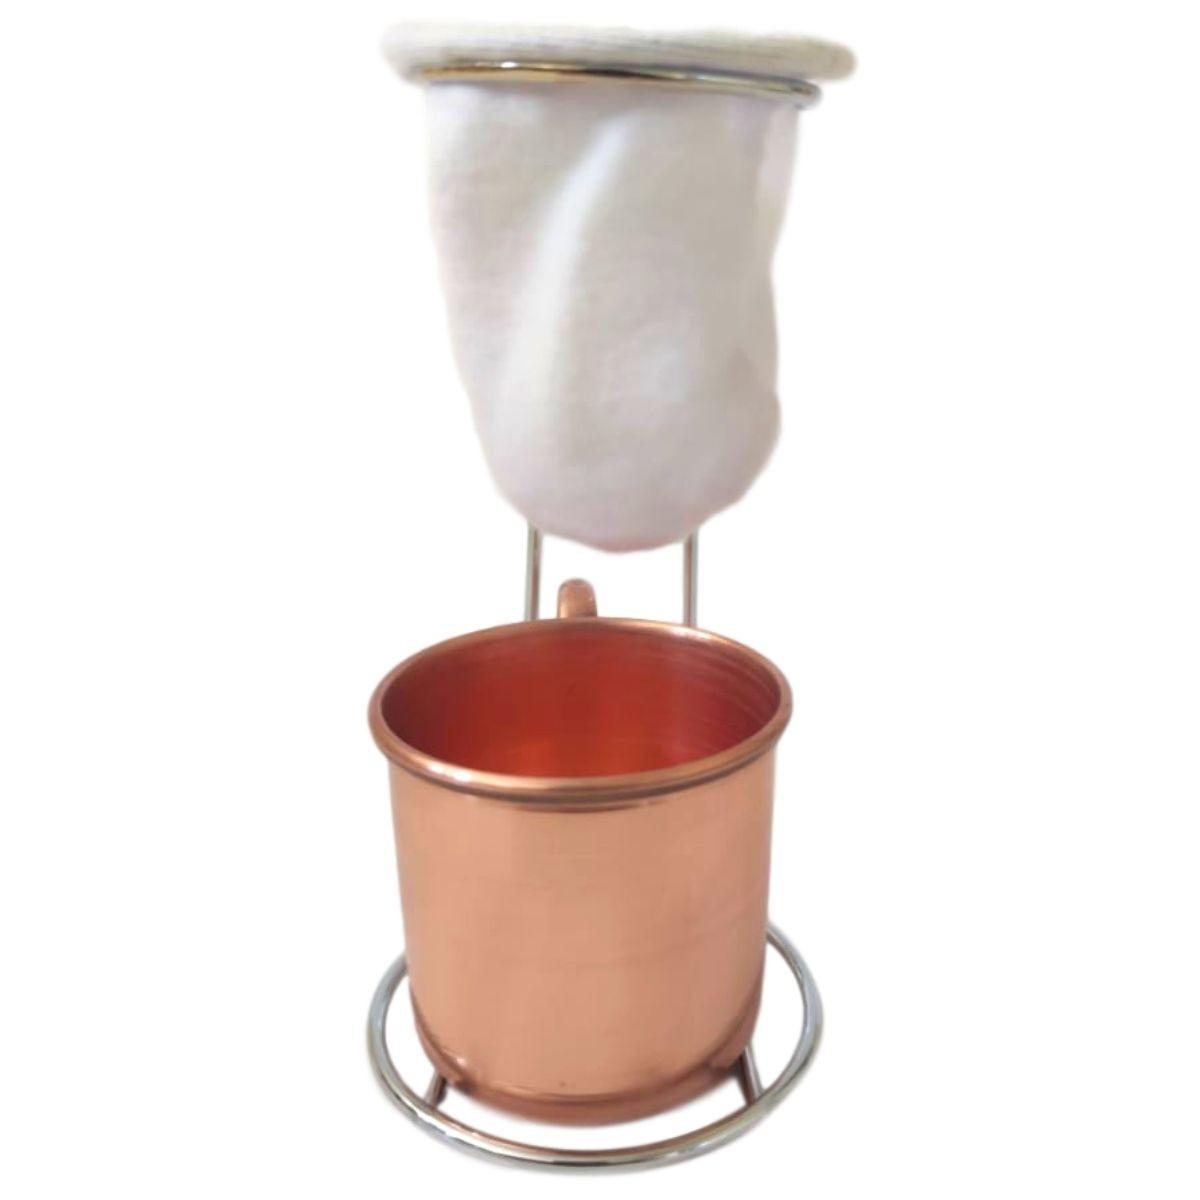 Mini Coador com Canequinha de Cobre 150 ml